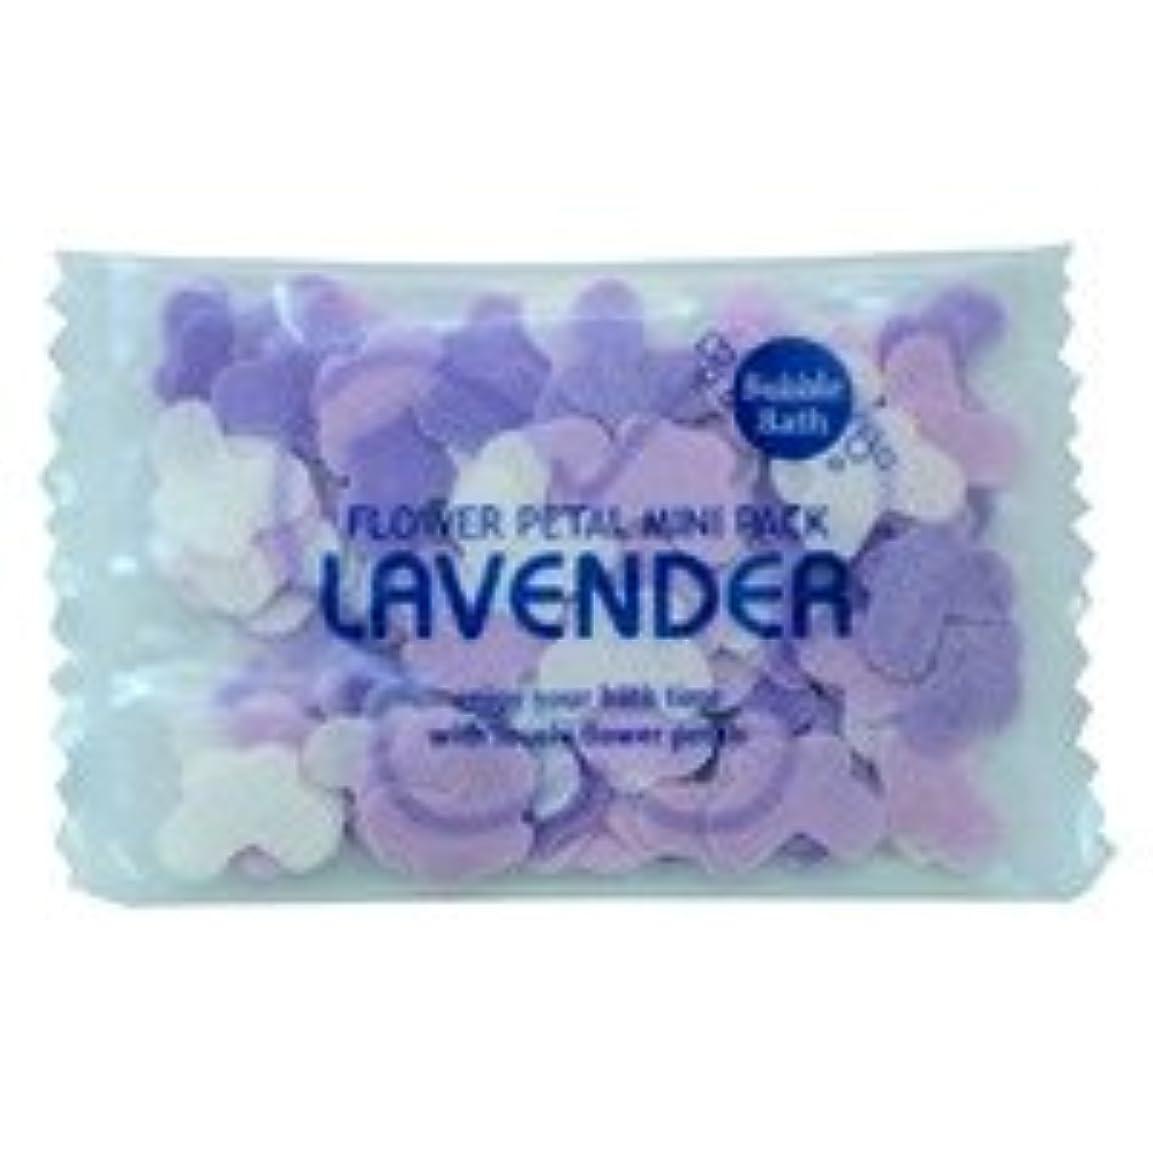 オート検出するファンブルフラワーペタル バブルバス ミニパック「ラベンダー」20個セット ゆったりリラックスしたい日に心を癒してくれるやさしいラベンダーの香り